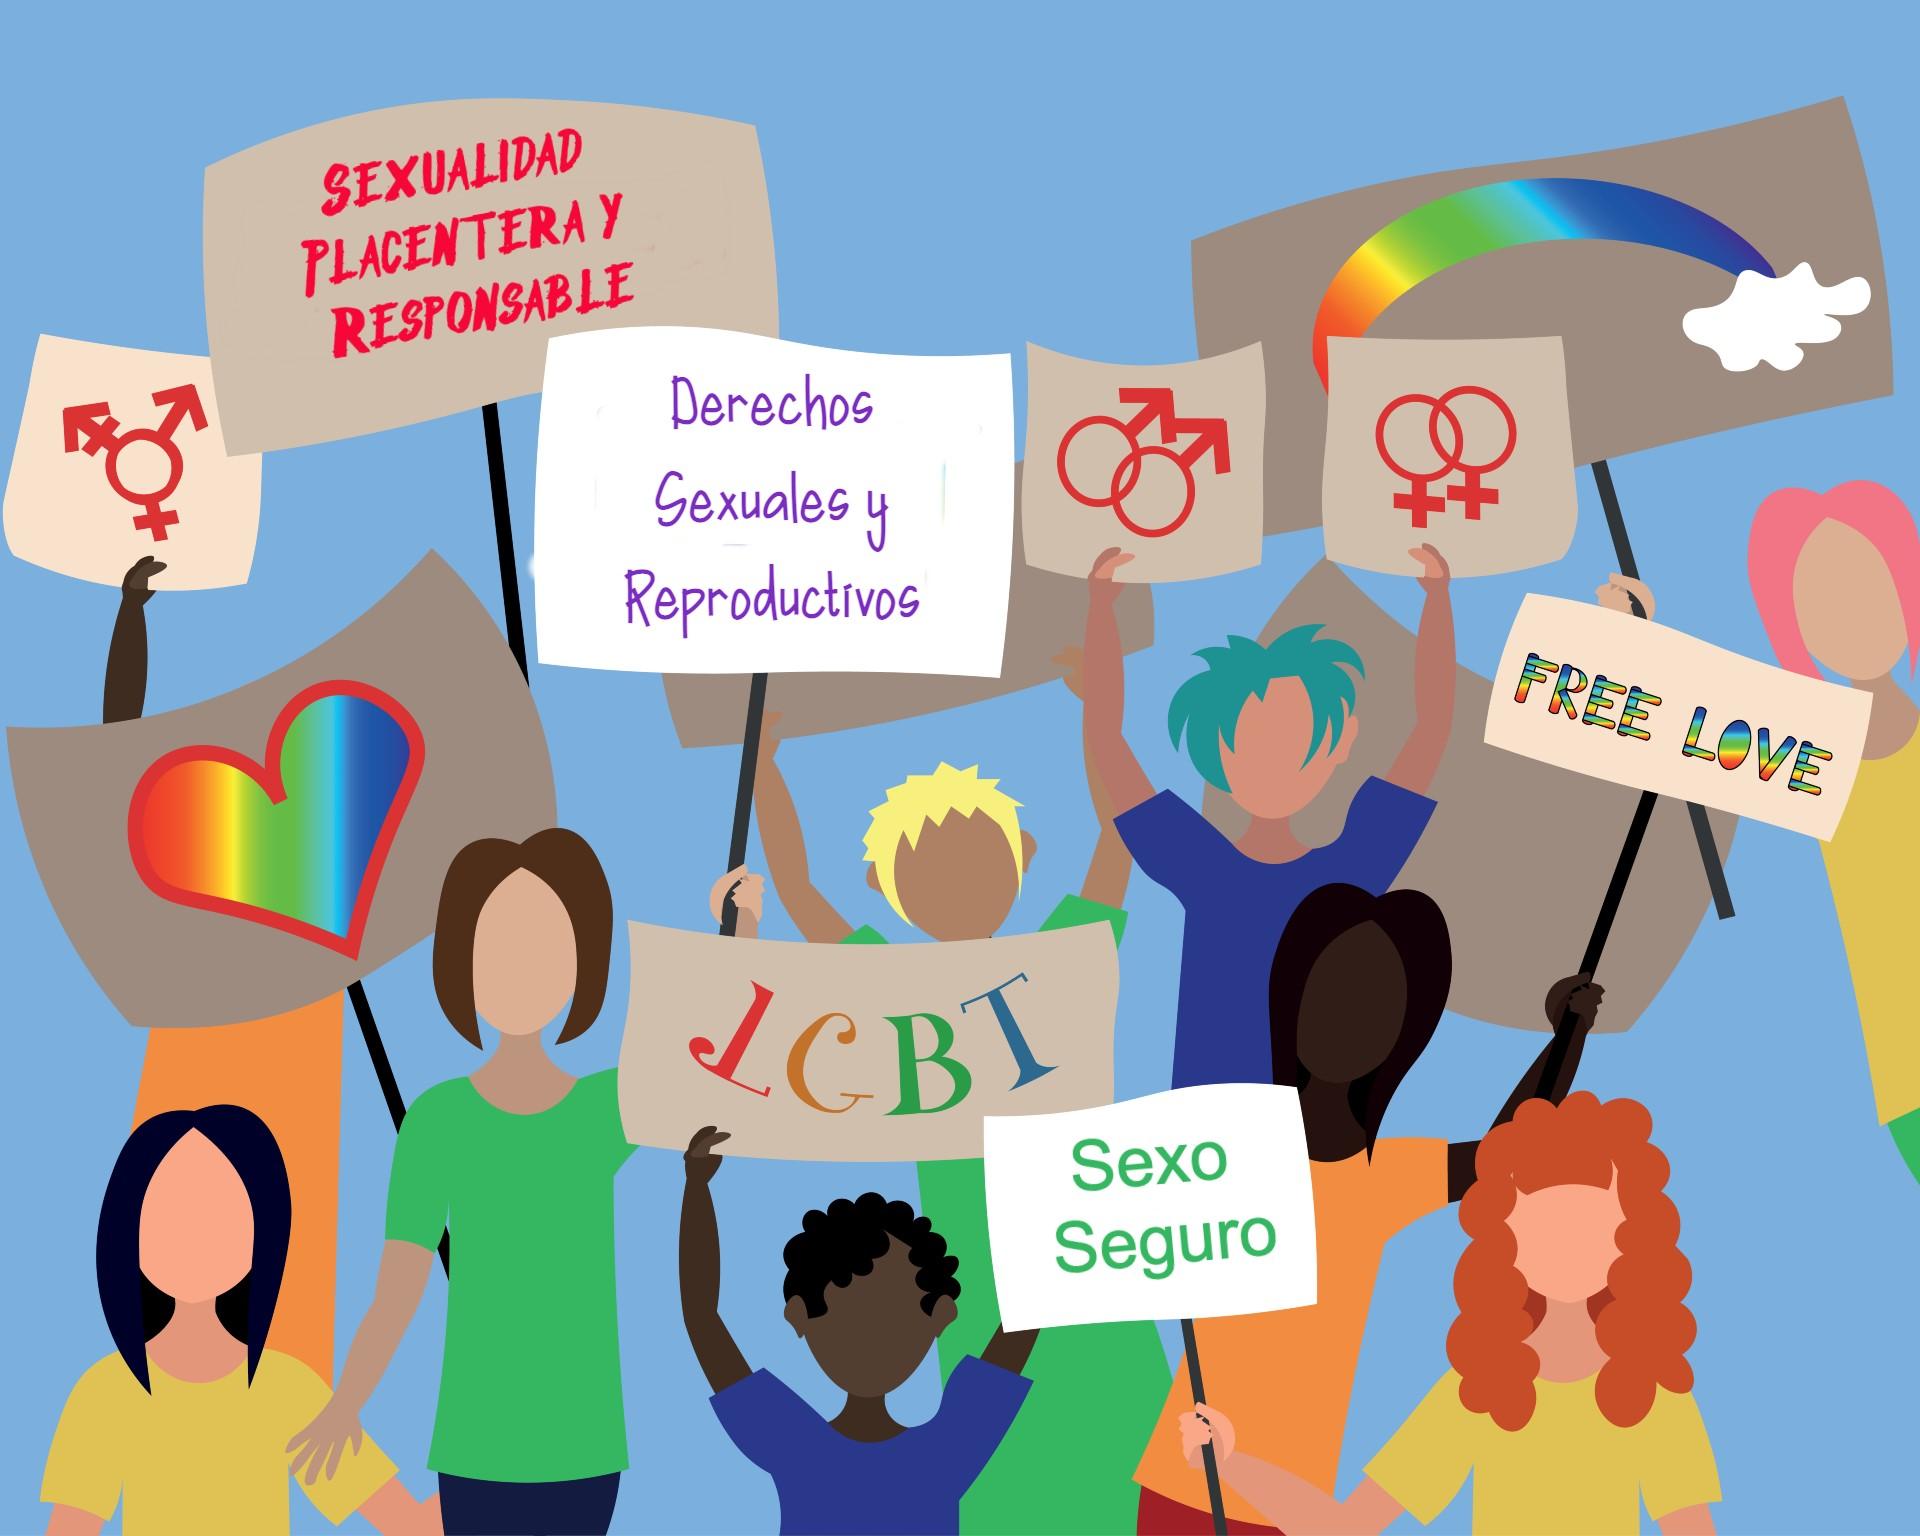 Sexualidad Humana. Mitos y Estereotipos a desmontar